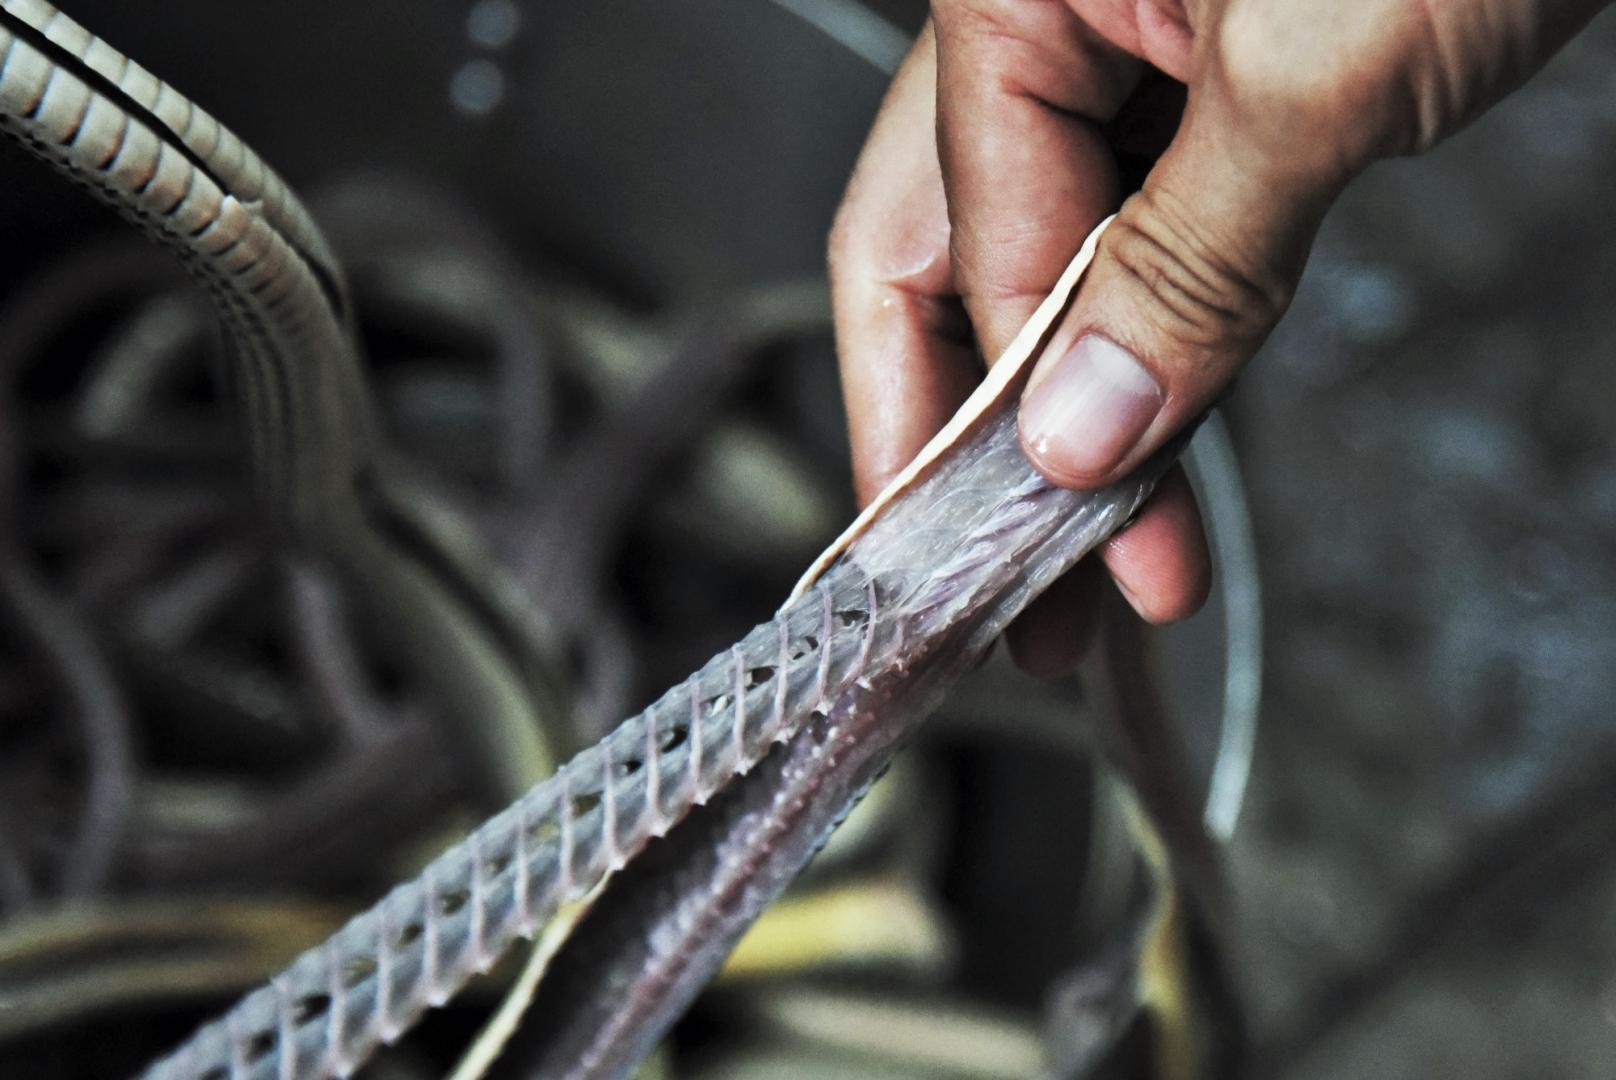 Кожу змеи отдирают одним куском. Мясо отделяется от костей, которые также используются в приготовление блюд. Наиболее популярным блюдом является рисовая каша со змеиными косточками